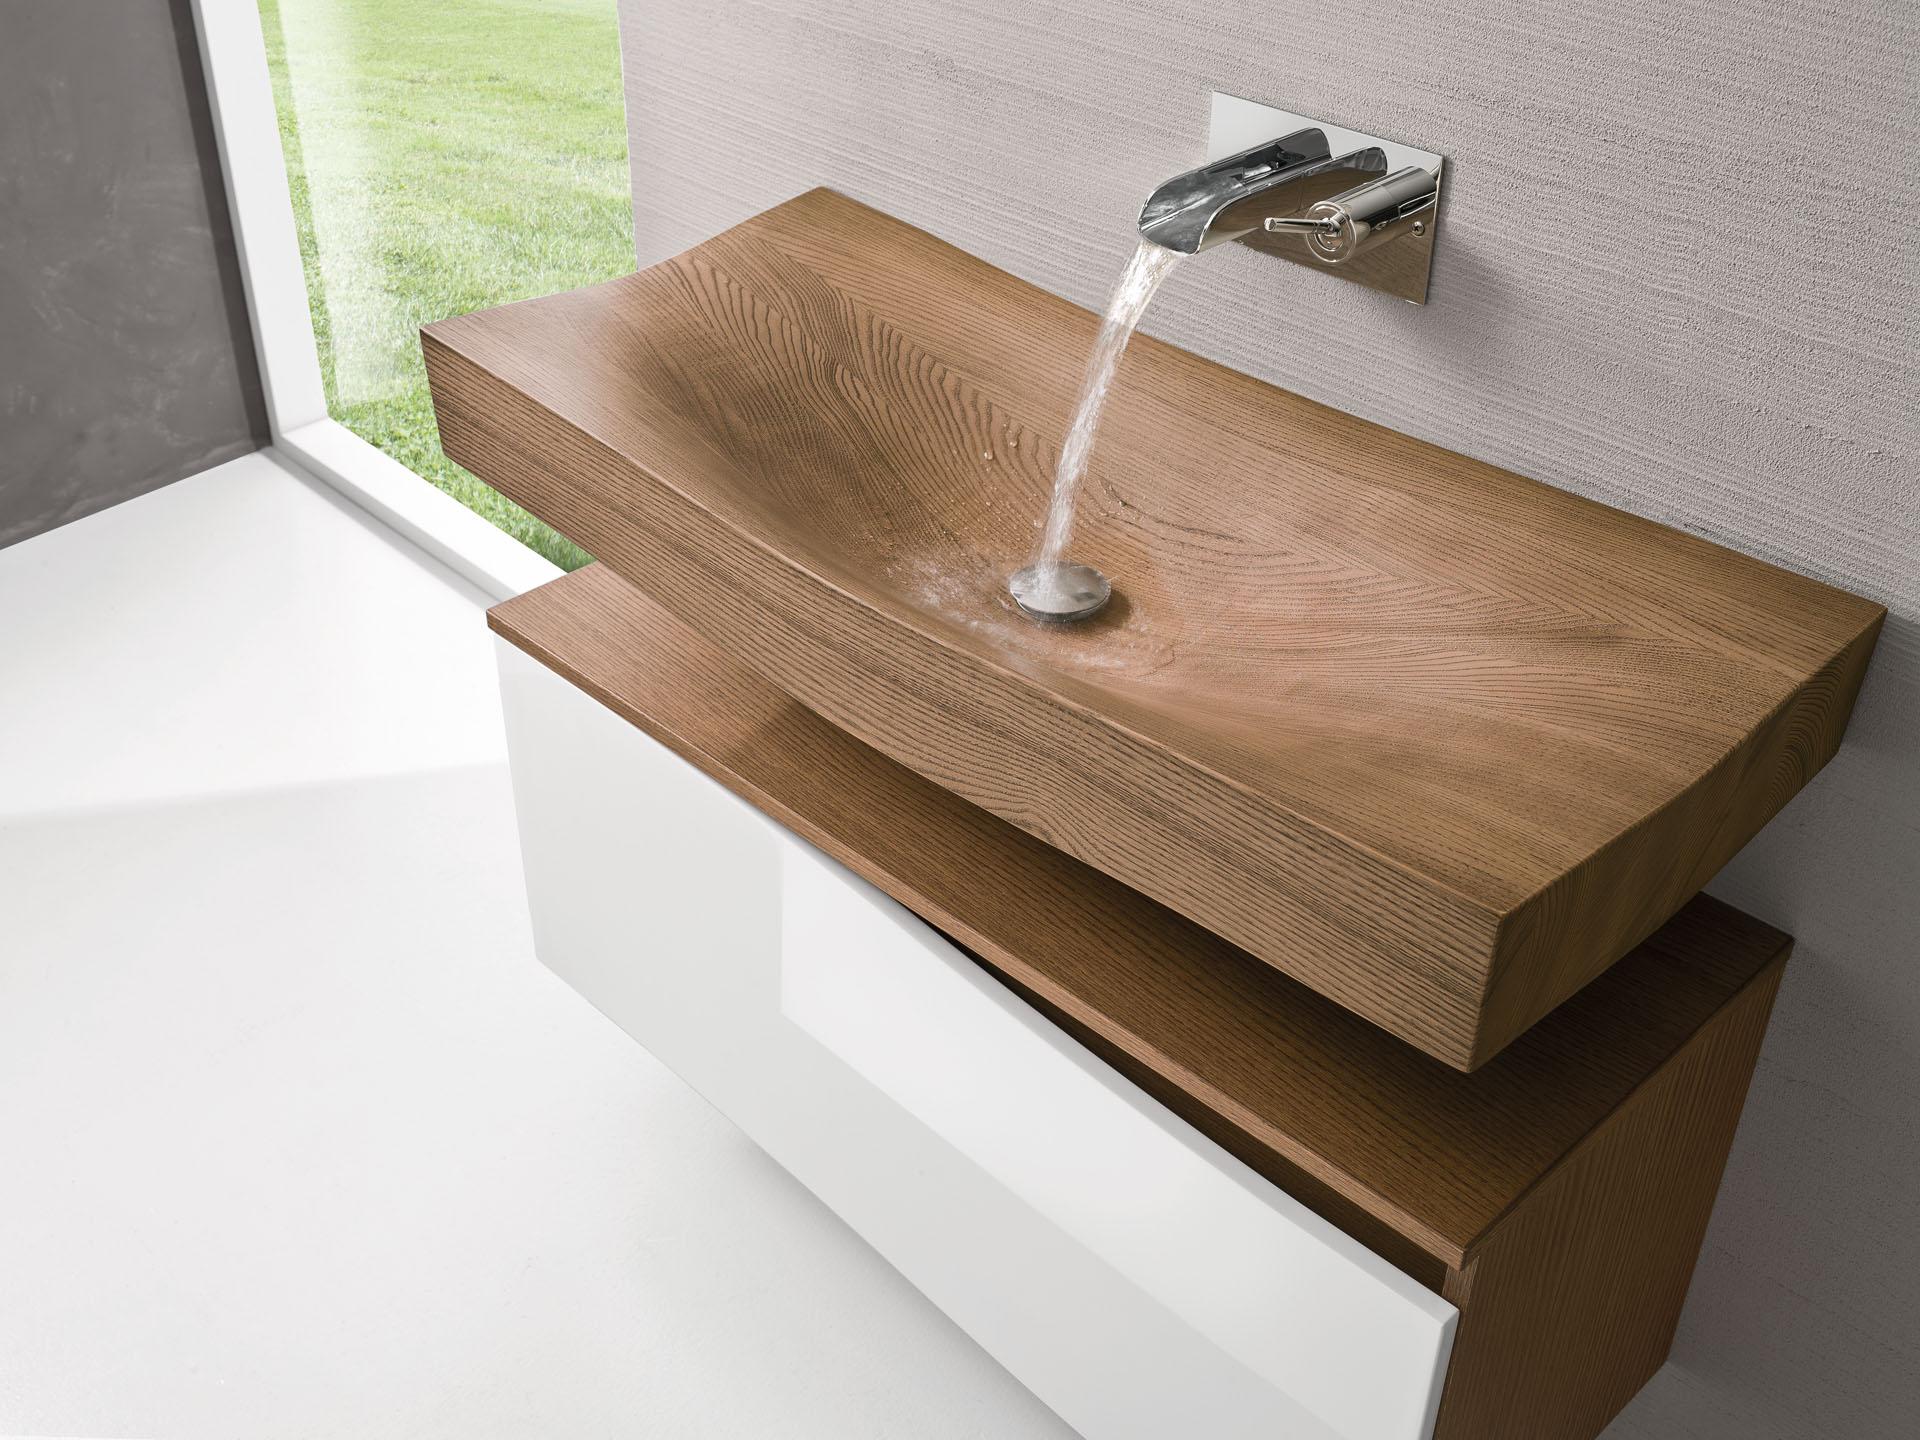 tao spoldi ideabagno lavabo legno simone casarotto design wood washbasin home 2